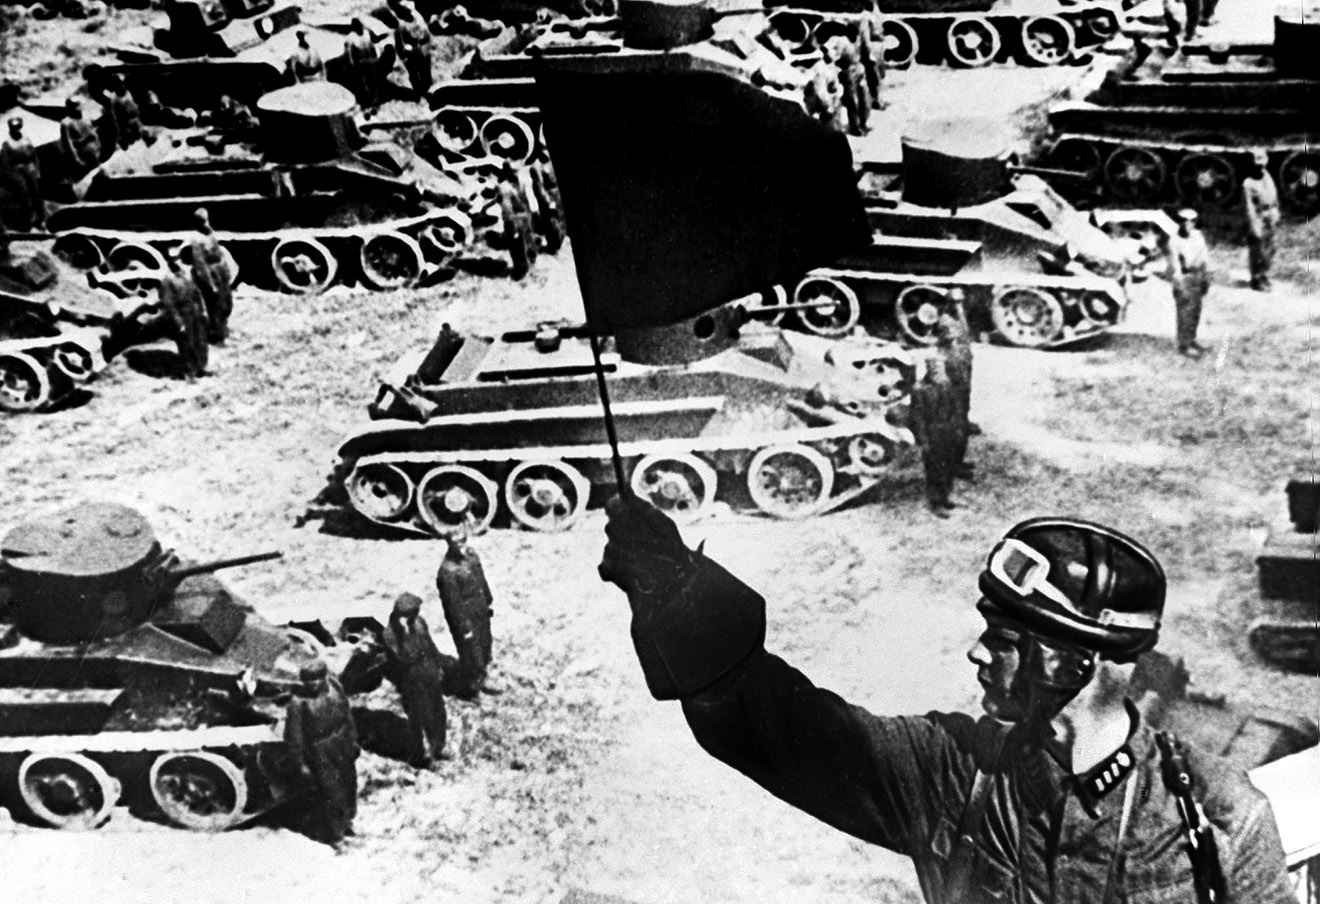 Поразительные свидетельства неизвестного о жизни Красной армии в начале 1930-х годов